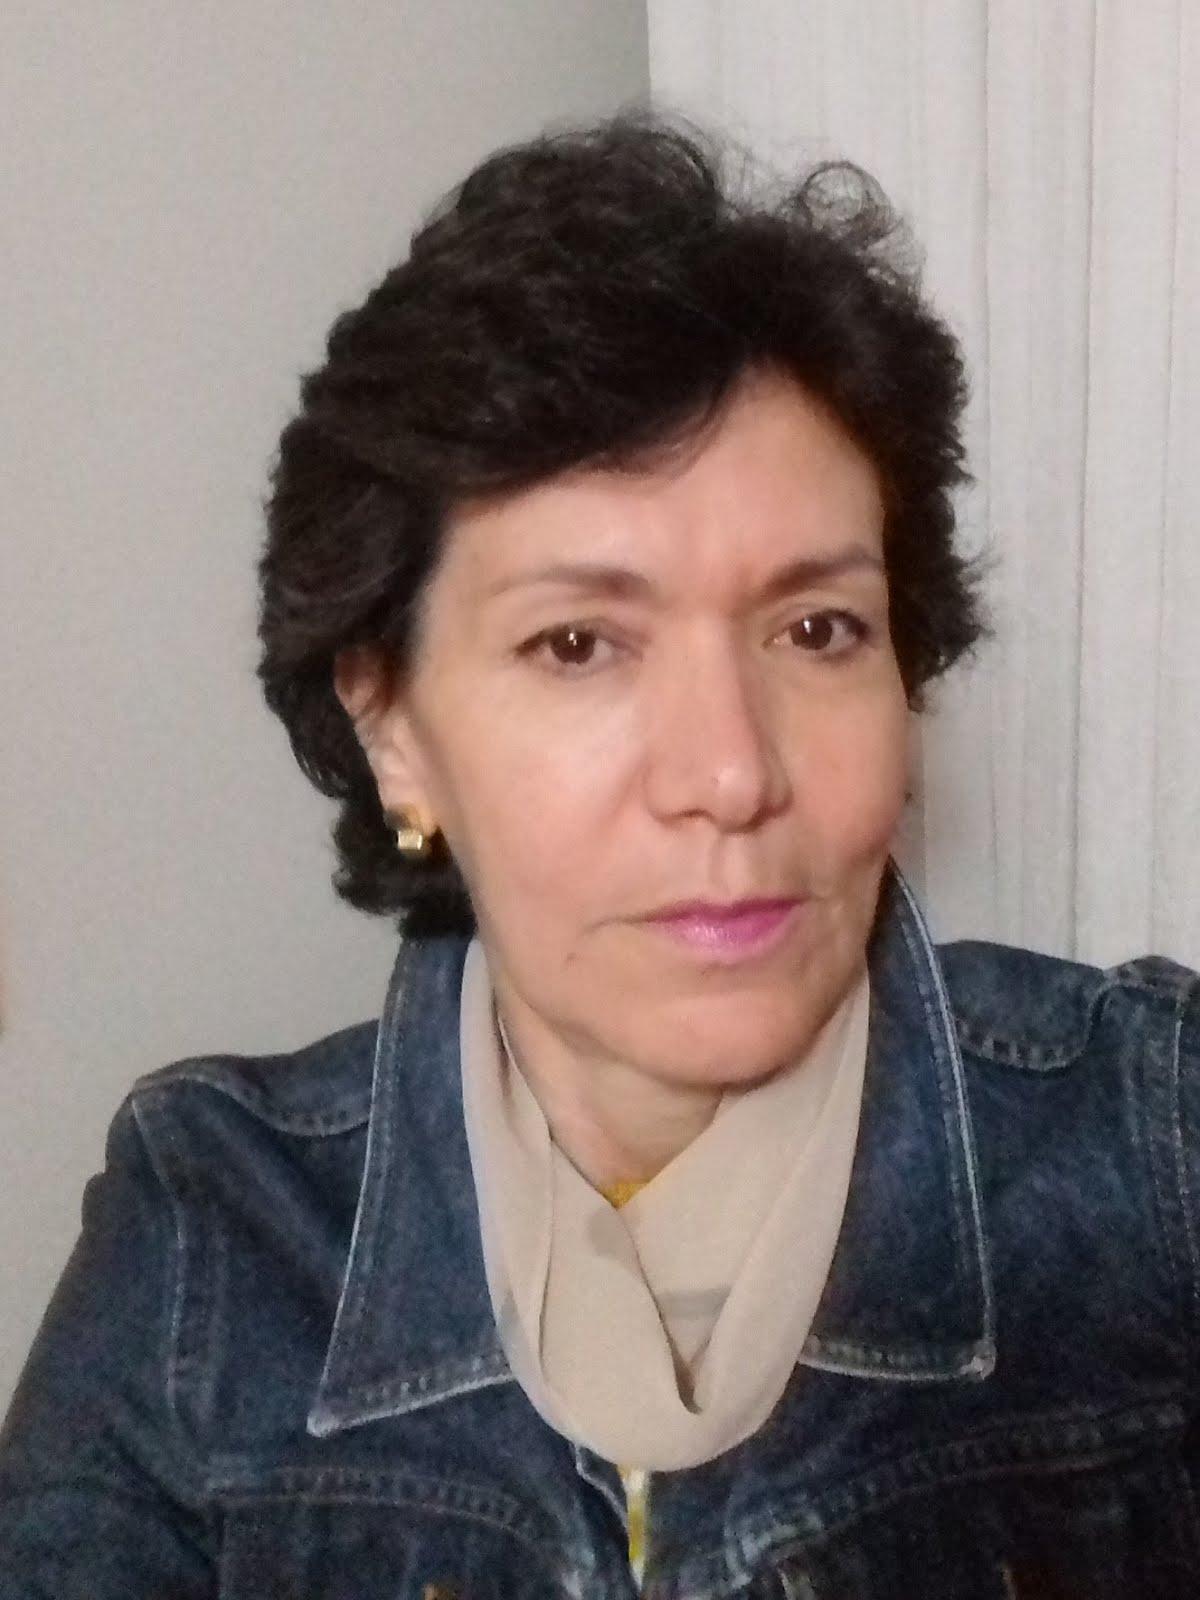 Carmelita Angélica Guimarães